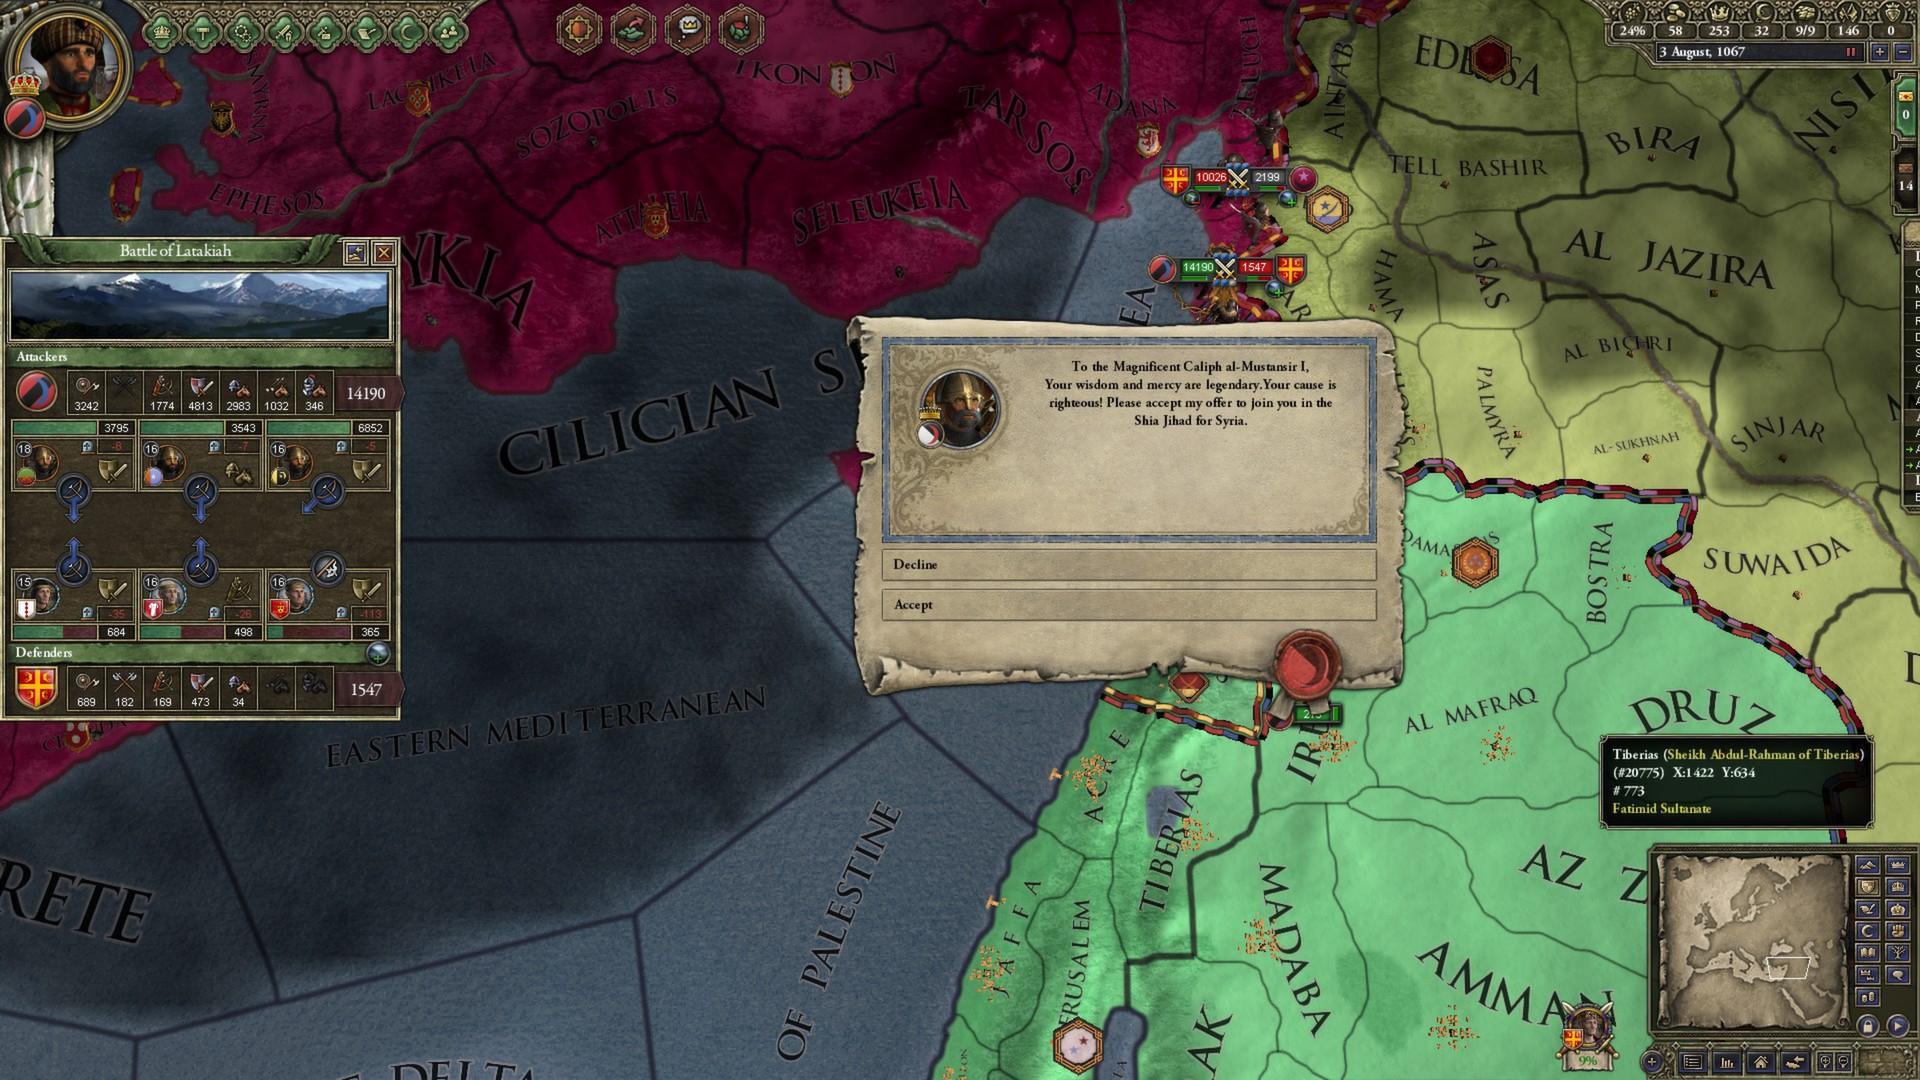 crusader kings 2 sword of islam dlc free download